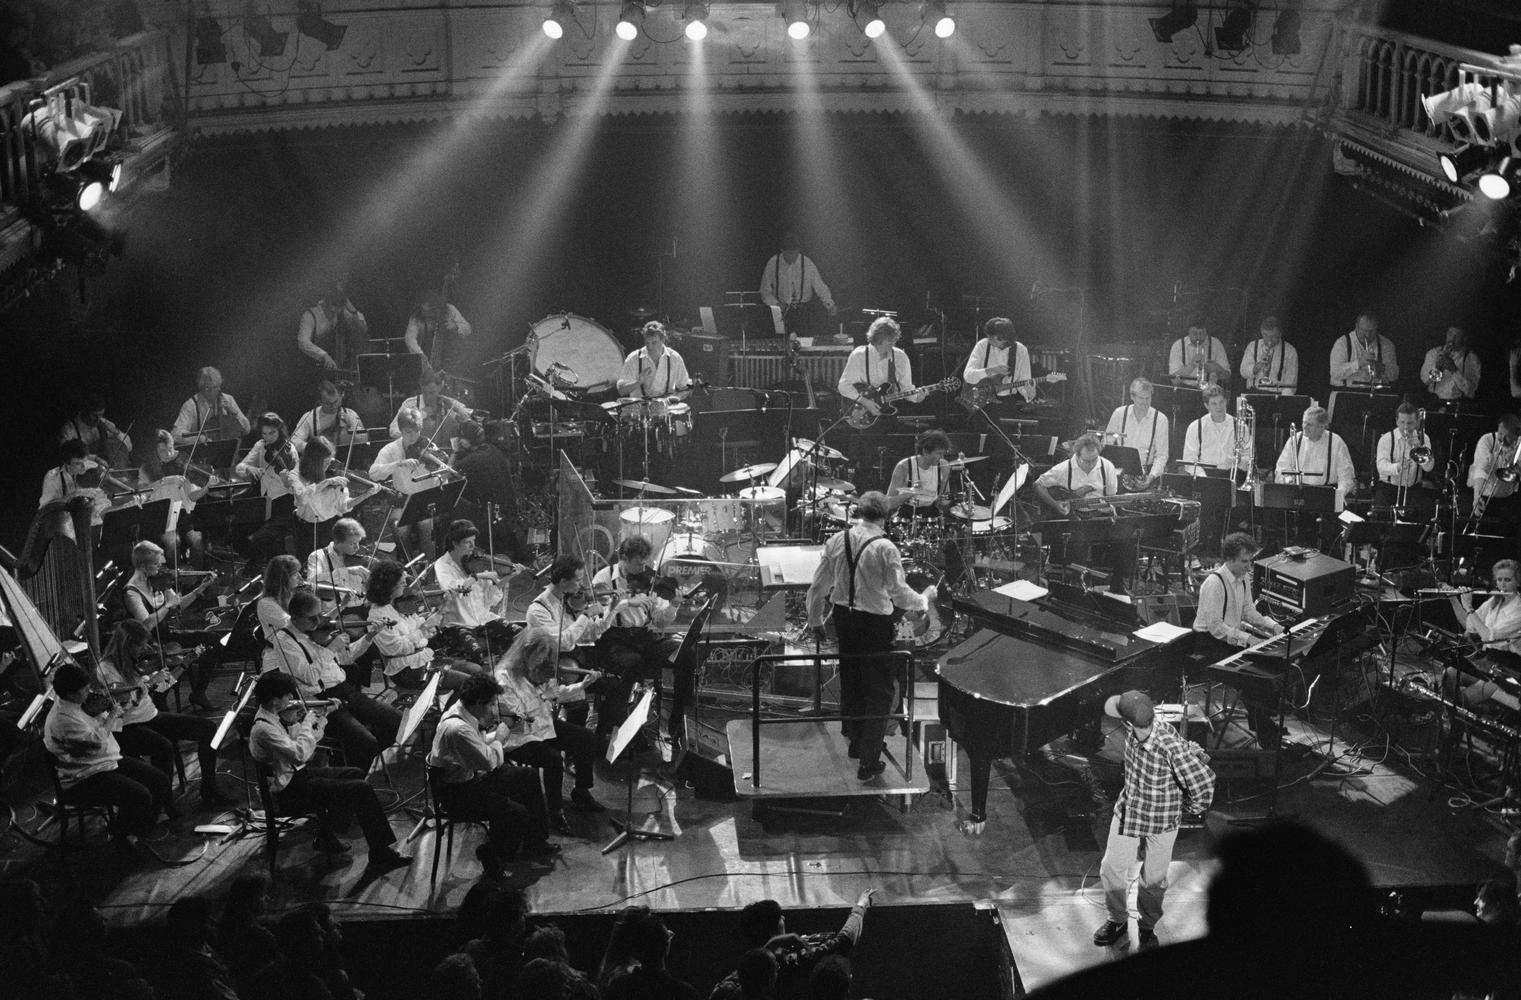 8c3cffe185e Muziekencyclopedie - Metropole Orkest